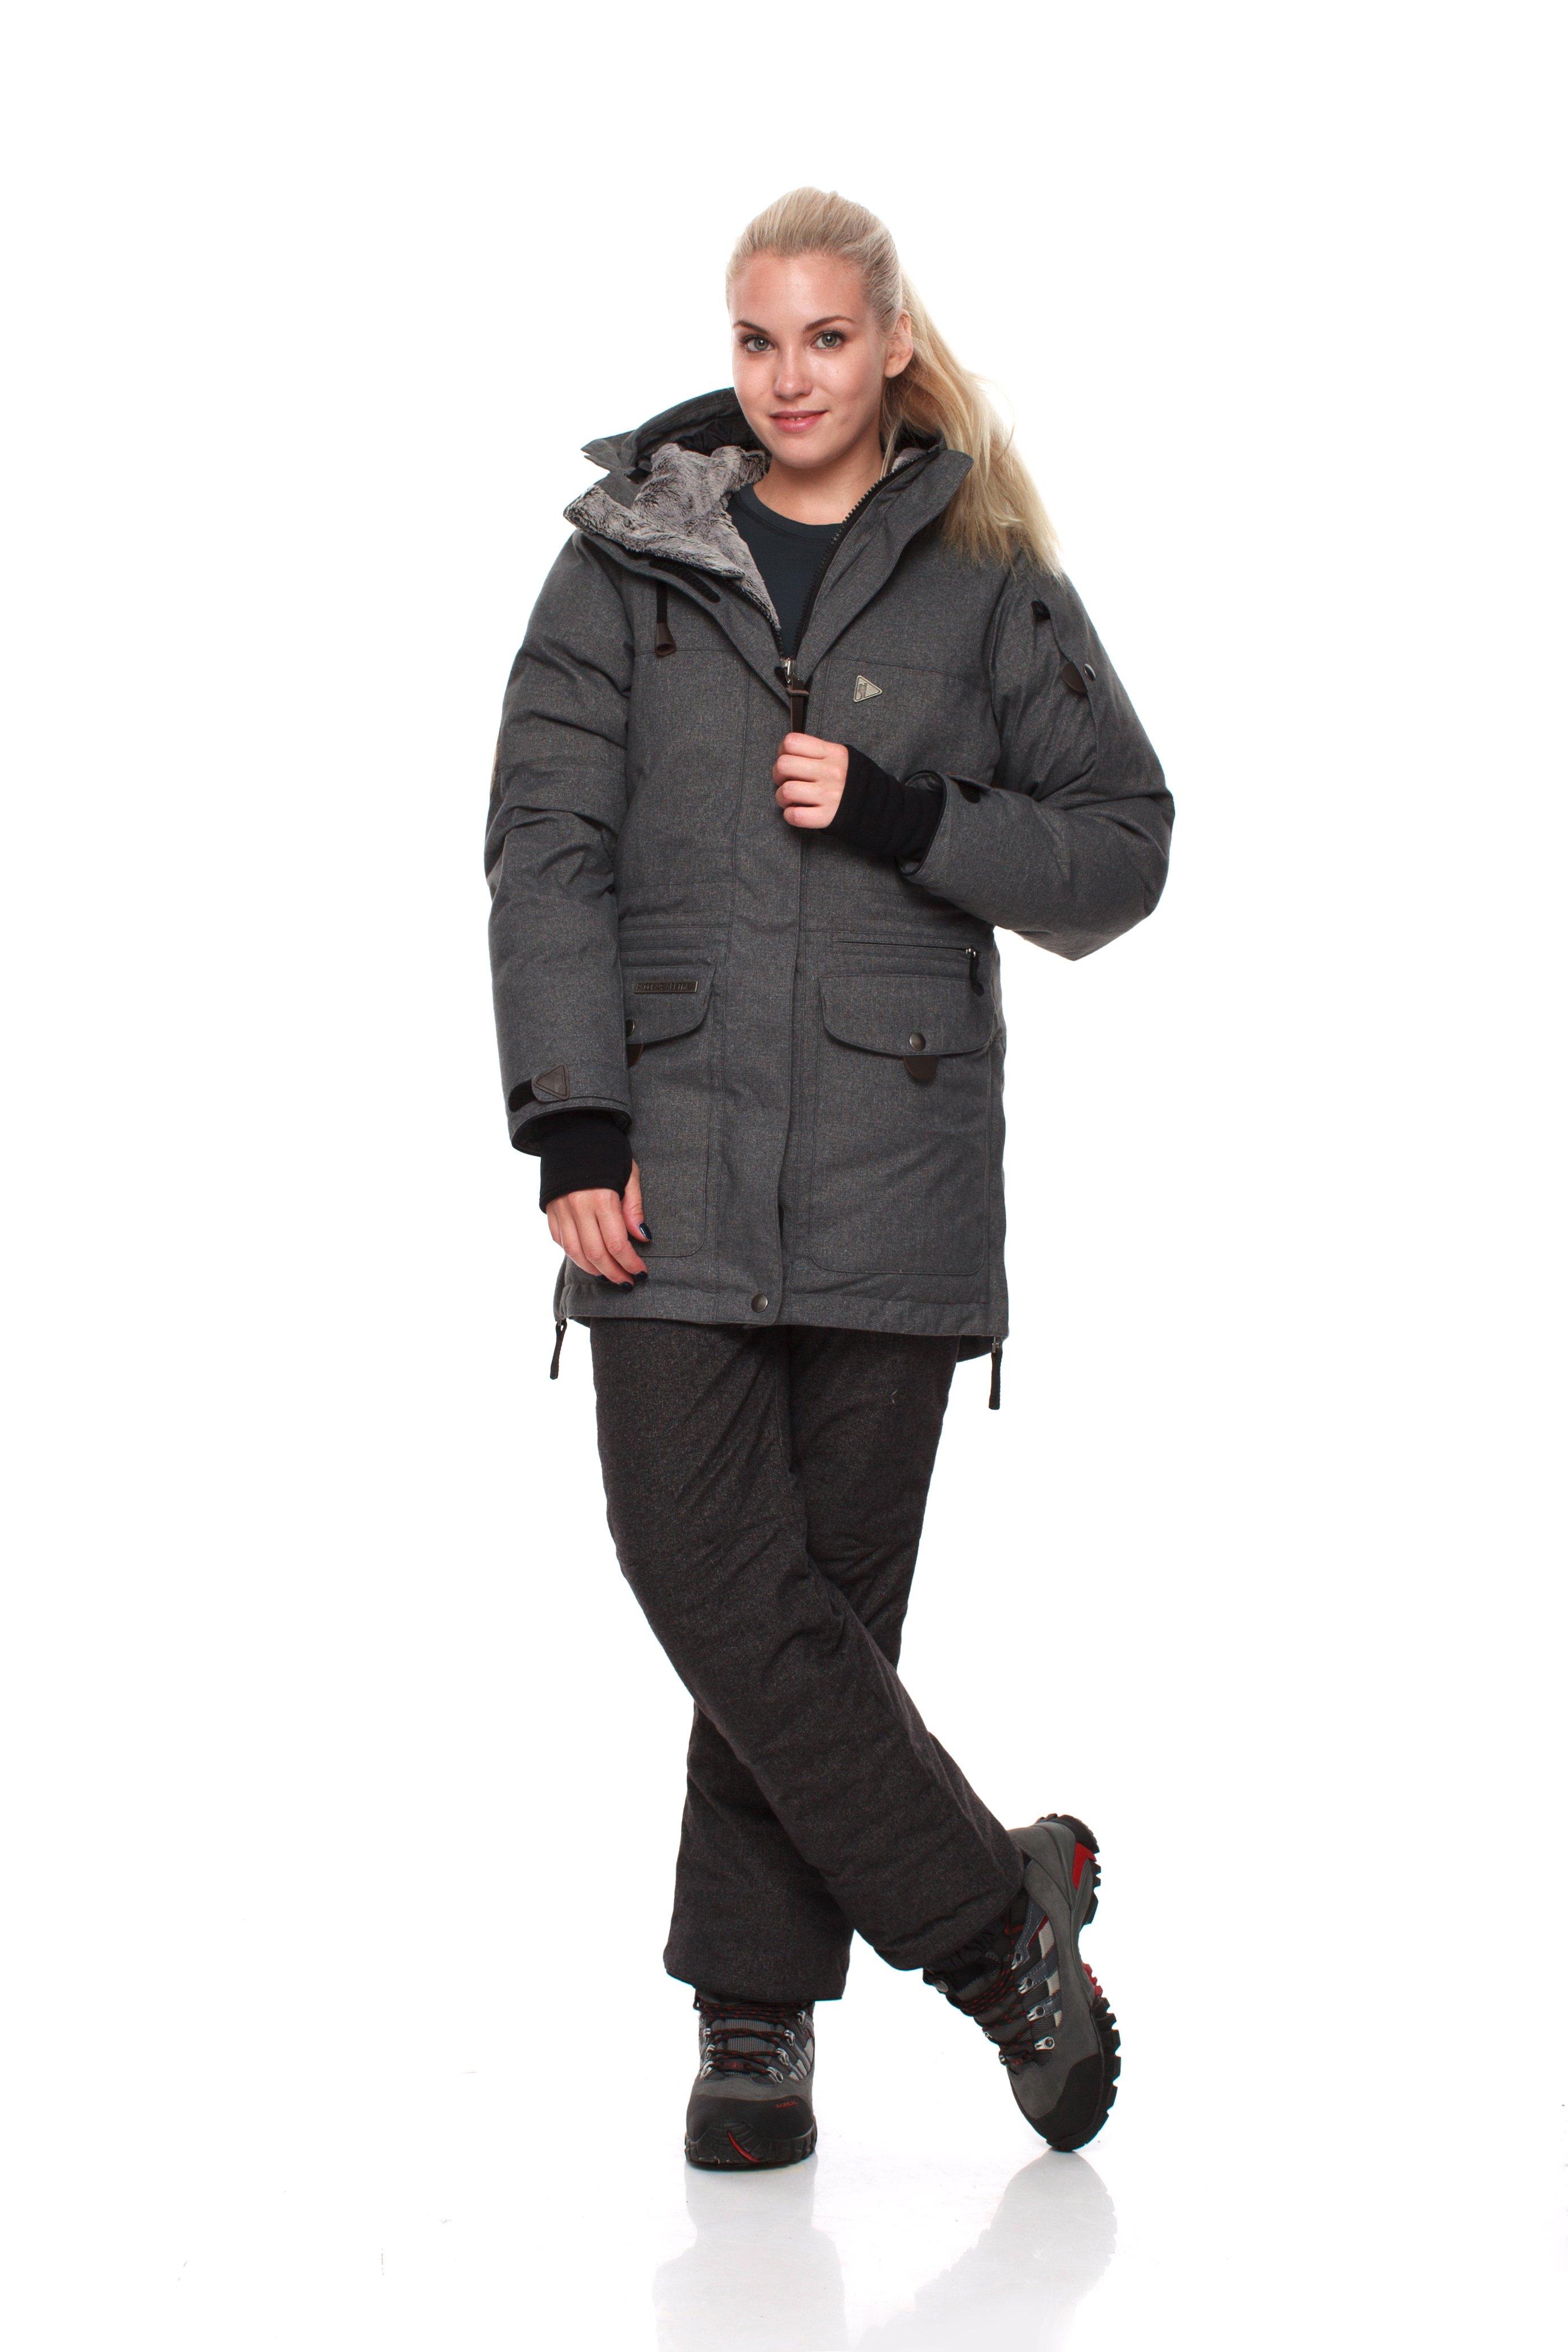 Пуховая куртка BASK IREMEL SOFT 3778aТеплая женская зимняя пуховая куртка в стиле парка BASK IREMEL SOFT с мембранной тканью и температурным режимом -30 &amp;deg;С.<br><br>&quot;Дышащие&quot; свойства: Да<br>Верхняя ткань: Advance® Alaska Soft Melange<br>Вес граммы: 1950<br>Вес утеплителя: 420<br>Ветро-влагозащитные свойства верхней ткани: Да<br>Ветрозащитная планка: Да<br>Ветрозащитная юбка: Да<br>Влагозащитные молнии: Нет<br>Внутренние манжеты: Да<br>Внутренняя ткань: Advance® Classic<br>Водонепроницаемость: 5000<br>Дублирующий центральную молнию клапан: Да<br>Защитный козырёк капюшона: Нет<br>Капюшон: Несъемный<br>Карман для средств связи: Нет<br>Количество внешних карманов: 8<br>Количество внутренних карманов: 2<br>Мембрана: Да<br>Объемный крой локтевой зоны: Да<br>Отстёгивающиеся рукава: Нет<br>Паропроницаемость: 10000<br>Показатель Fill Power (для пуховых изделий): 650<br>Пол: Женский<br>Проклейка швов: Нет<br>Регулировка манжетов рукавов: Да<br>Регулировка низа: Нет<br>Регулировка объёма капюшона: Да<br>Регулировка талии: Нет<br>Регулируемые вентиляционные отверстия: Нет<br>Световозвращающая лента: Нет<br>Температурный режим: -30<br>Технология Thermal Welding: Нет<br>Технология швов: Простые<br>Тип молнии: Двухзамковая<br>Тип утеплителя: Натуральный<br>Ткань усиления: Нет<br>Усиление контактных зон: Нет<br>Утеплитель: Гусиный пух<br>Размер INT: XS<br>Цвет: СЕРЫЙ